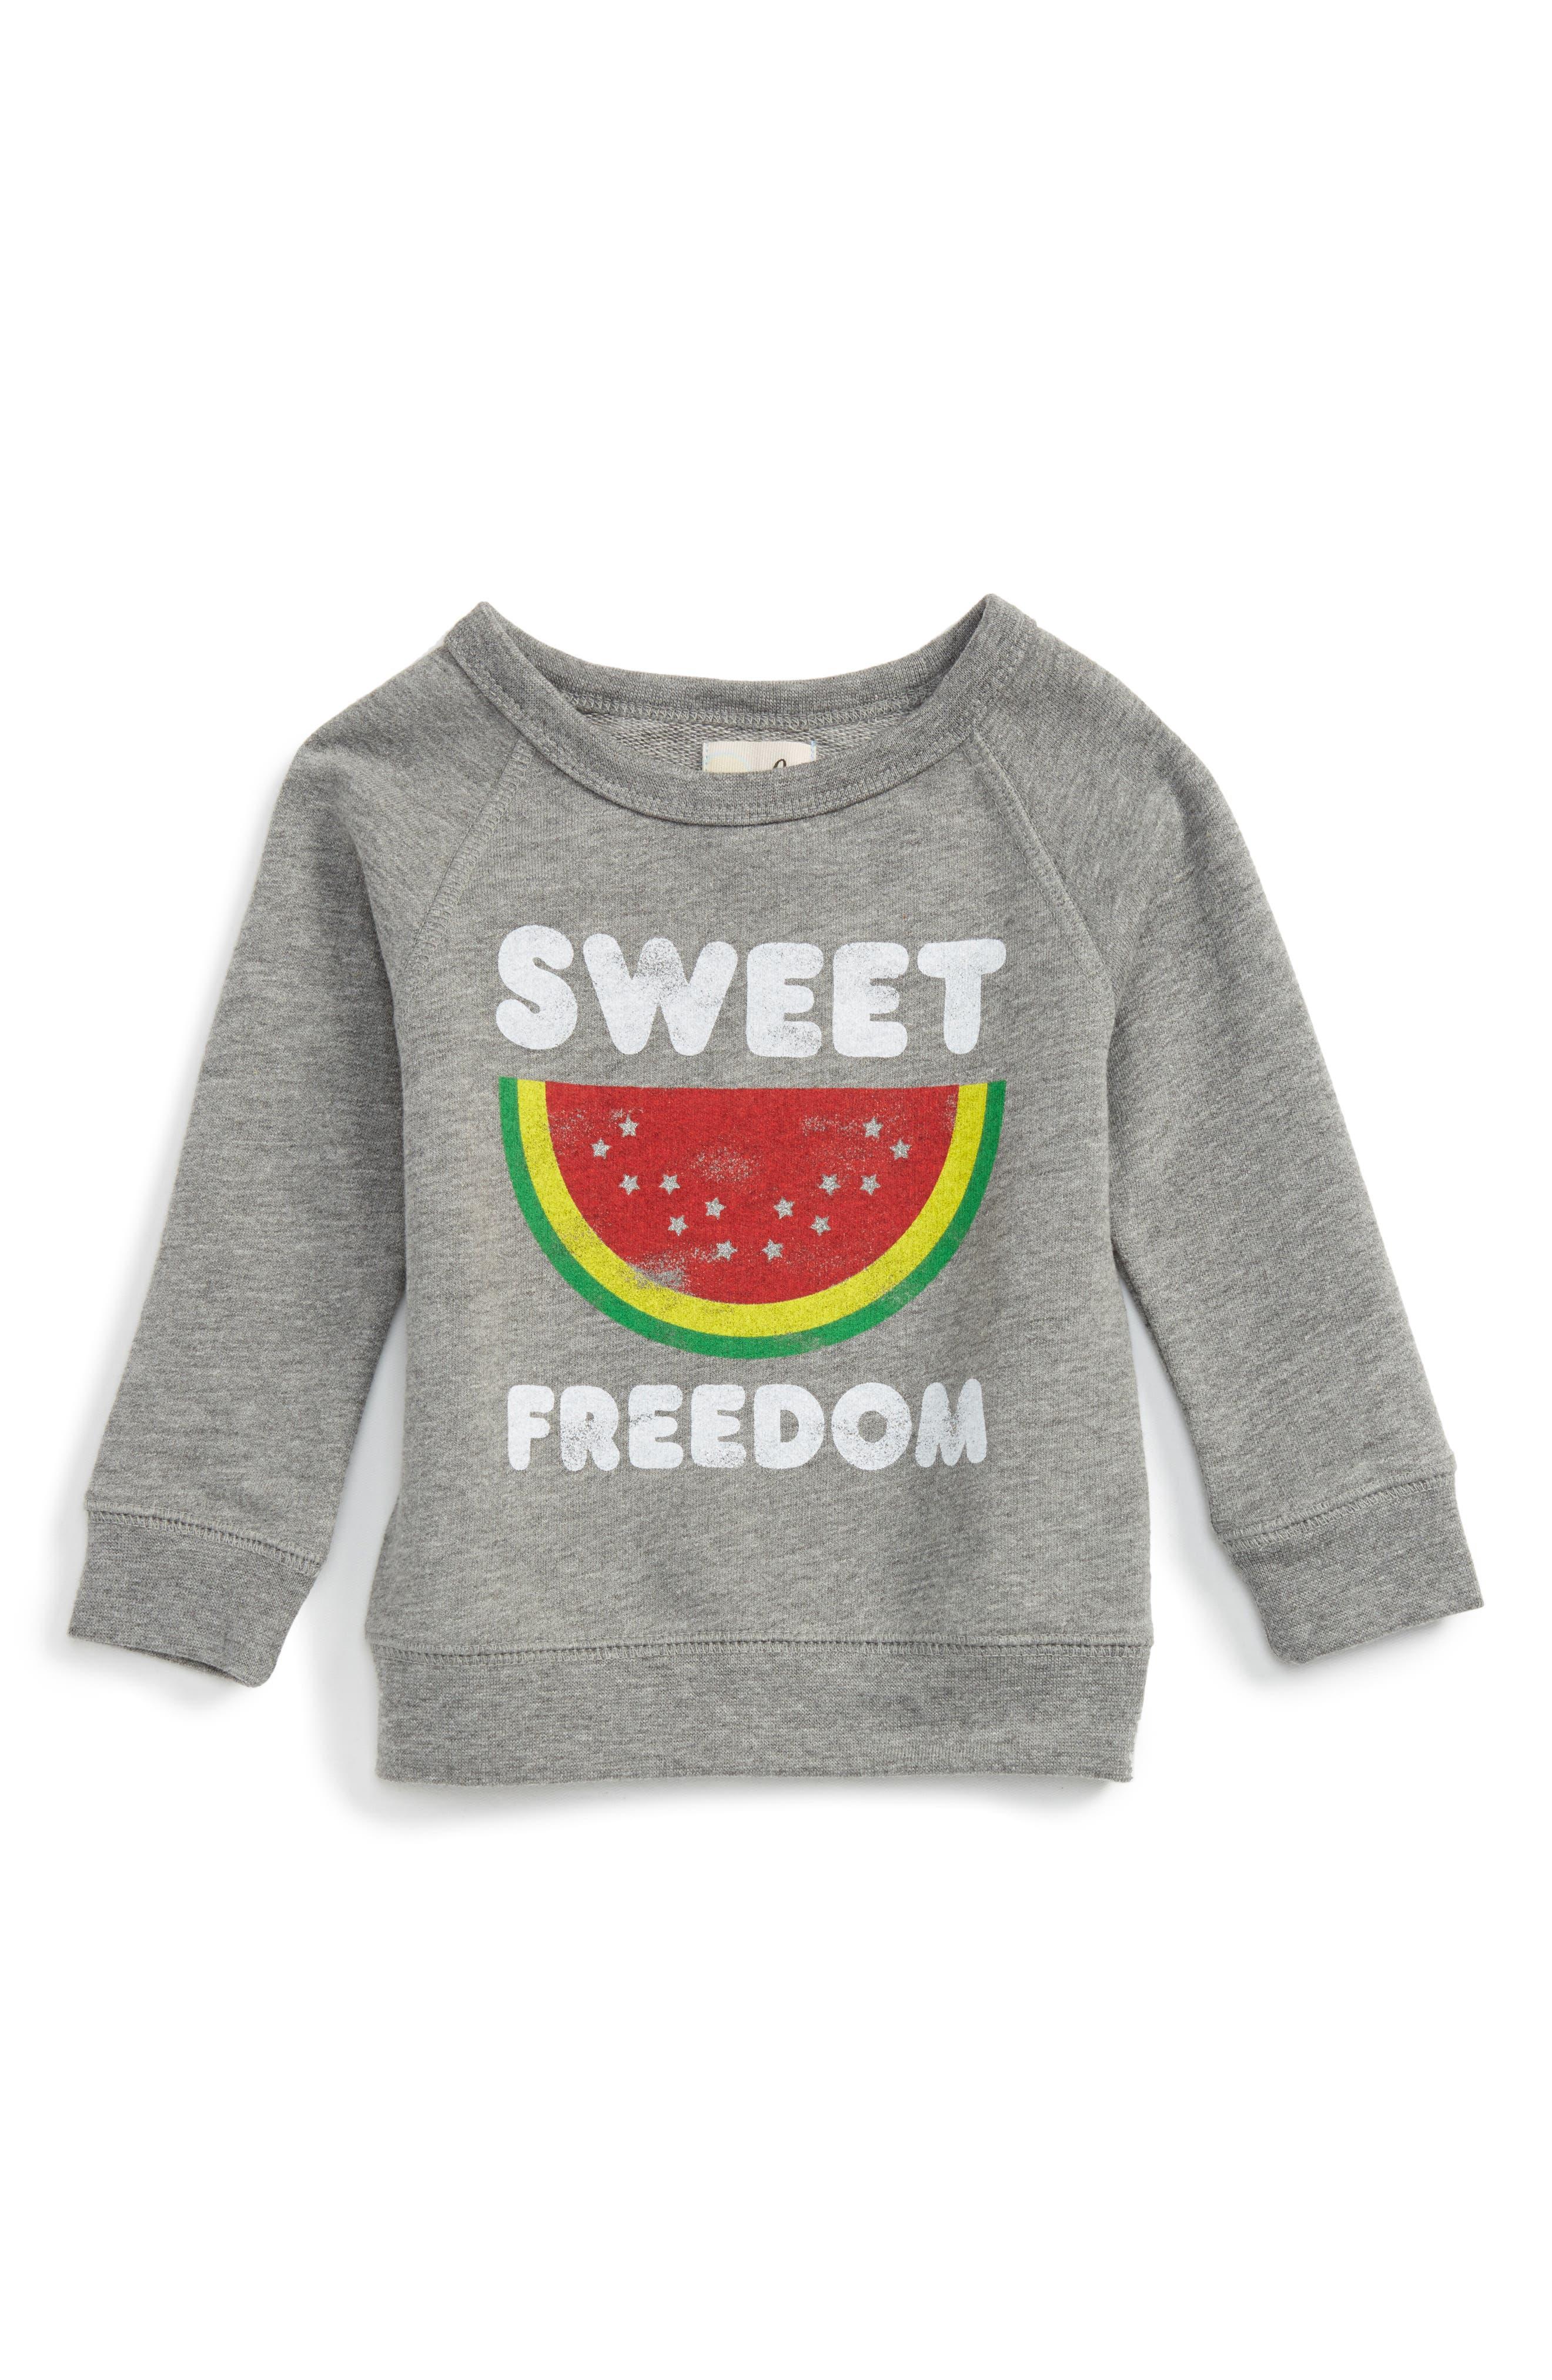 Alternate Image 1 Selected - Peek Sweet Freedom Sweatshirt (Baby)